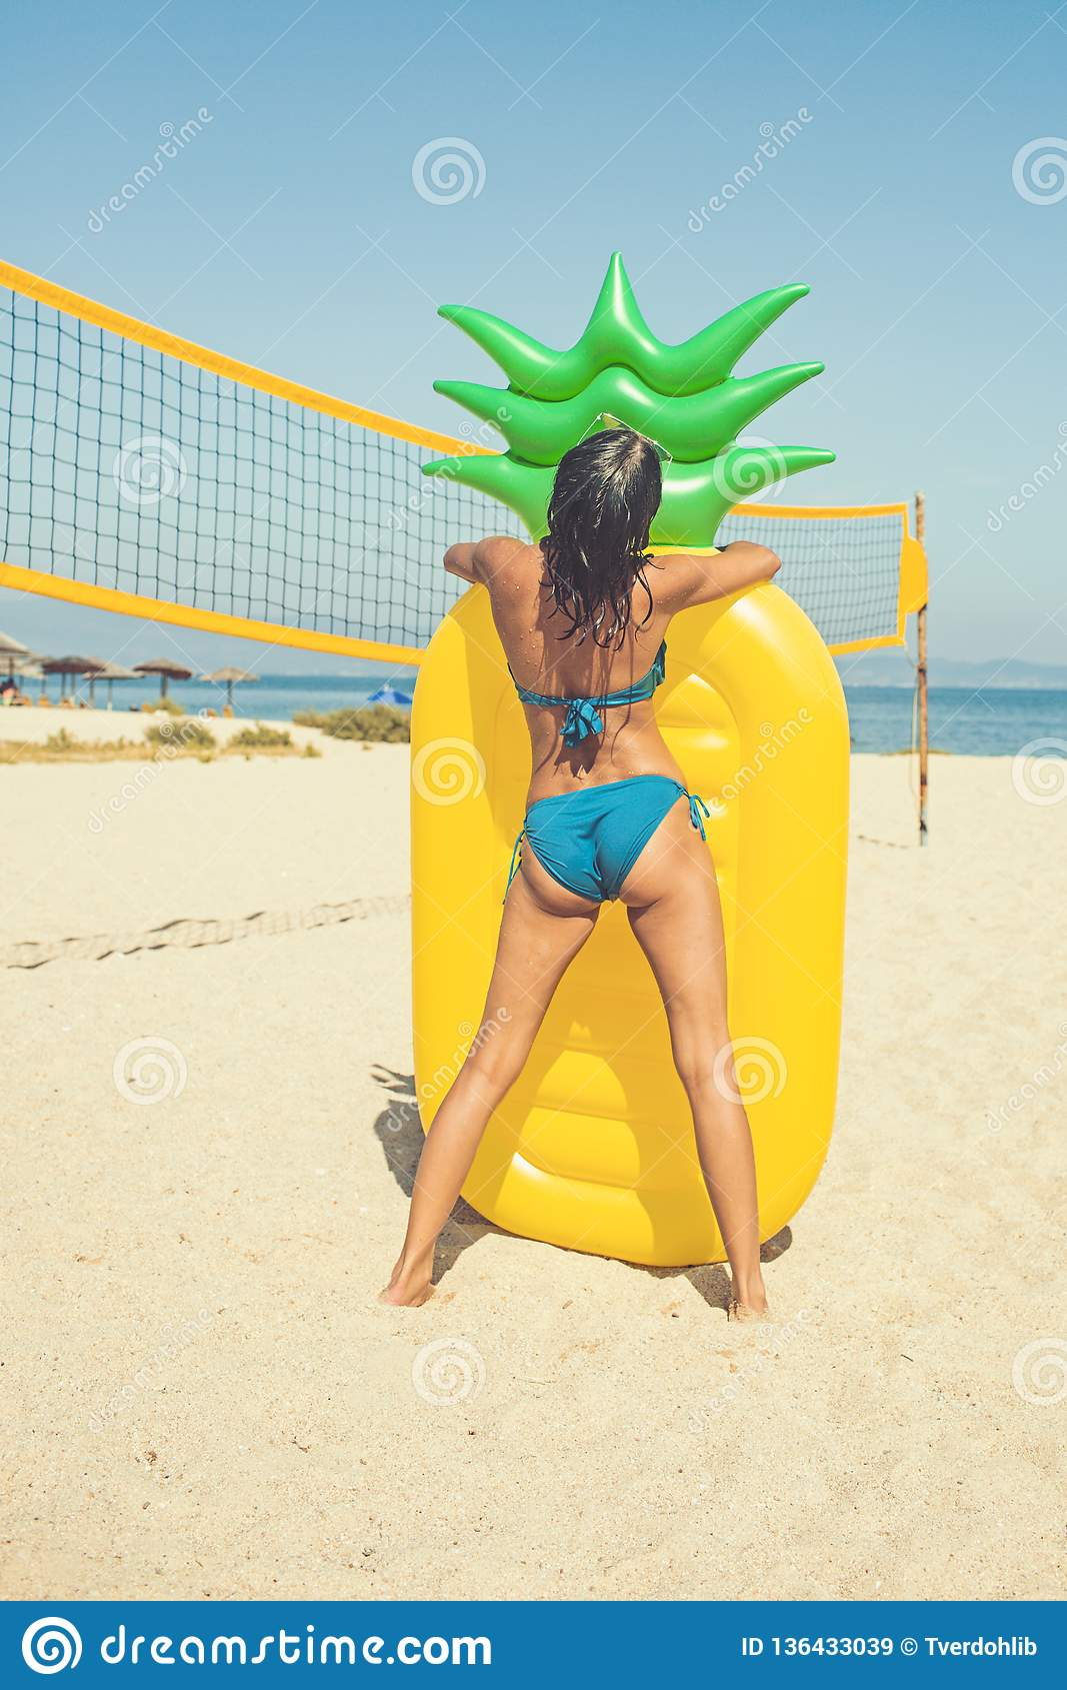 Imagem do verão da menina suntanned impressionante no colchão inflável amarelo do abacaxi na corte de voleibol